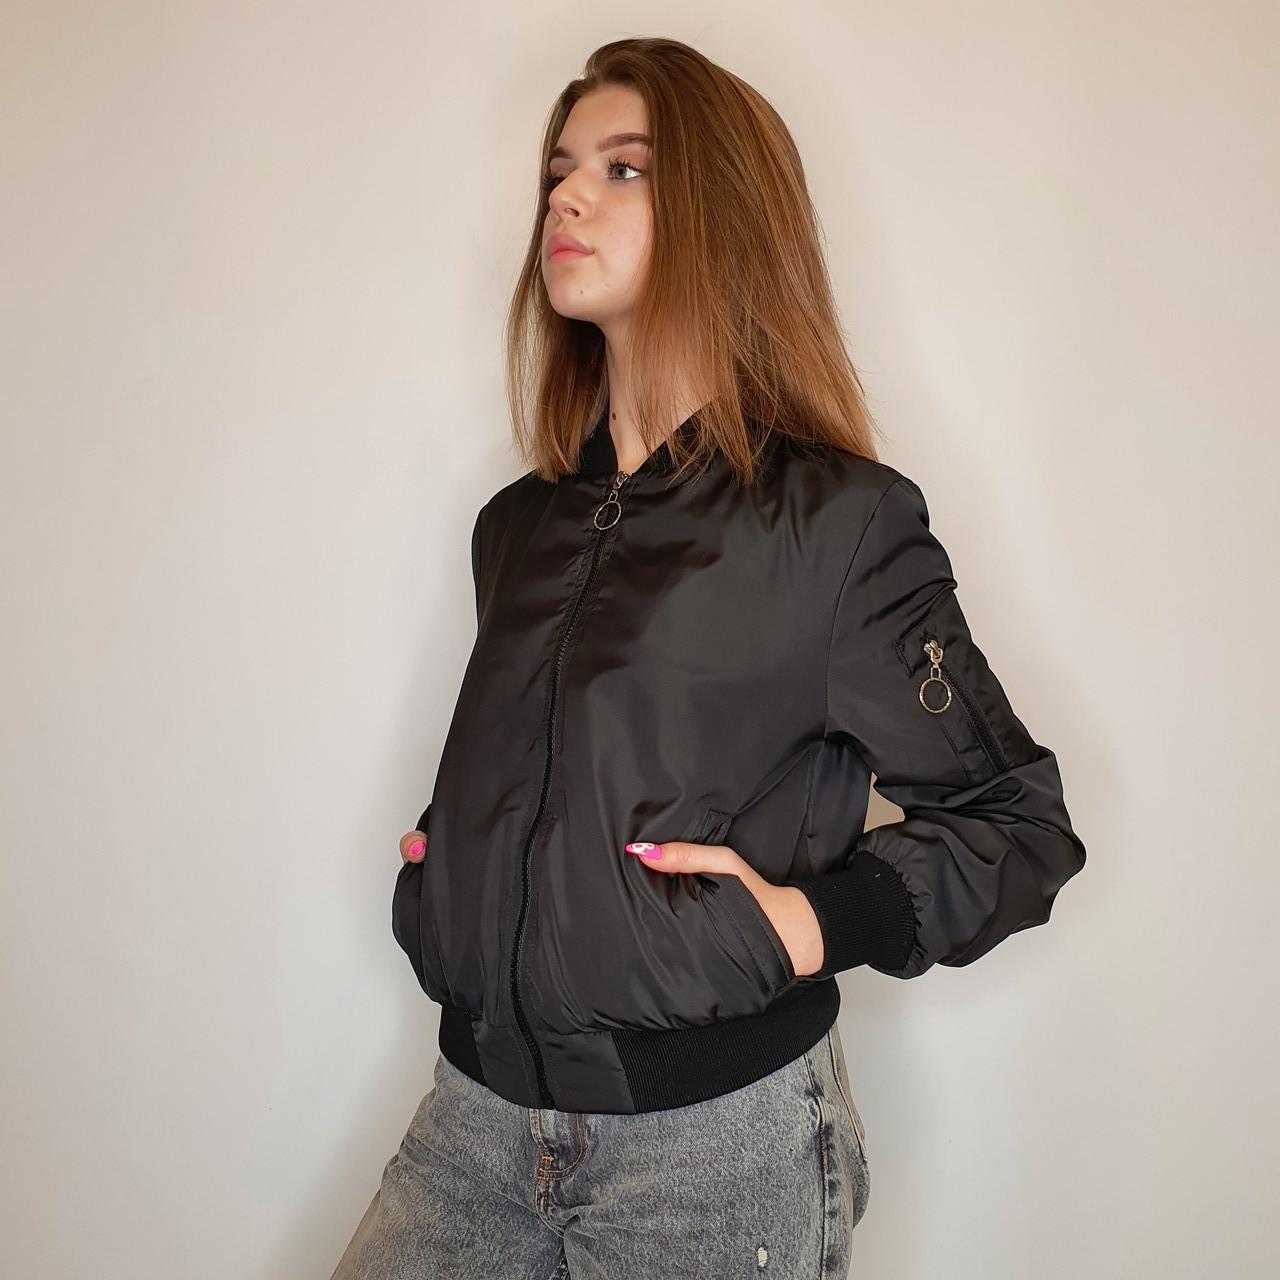 Легка молодіжна куртка куртка-бомбер з плащової тканини жіноча модна від виробника